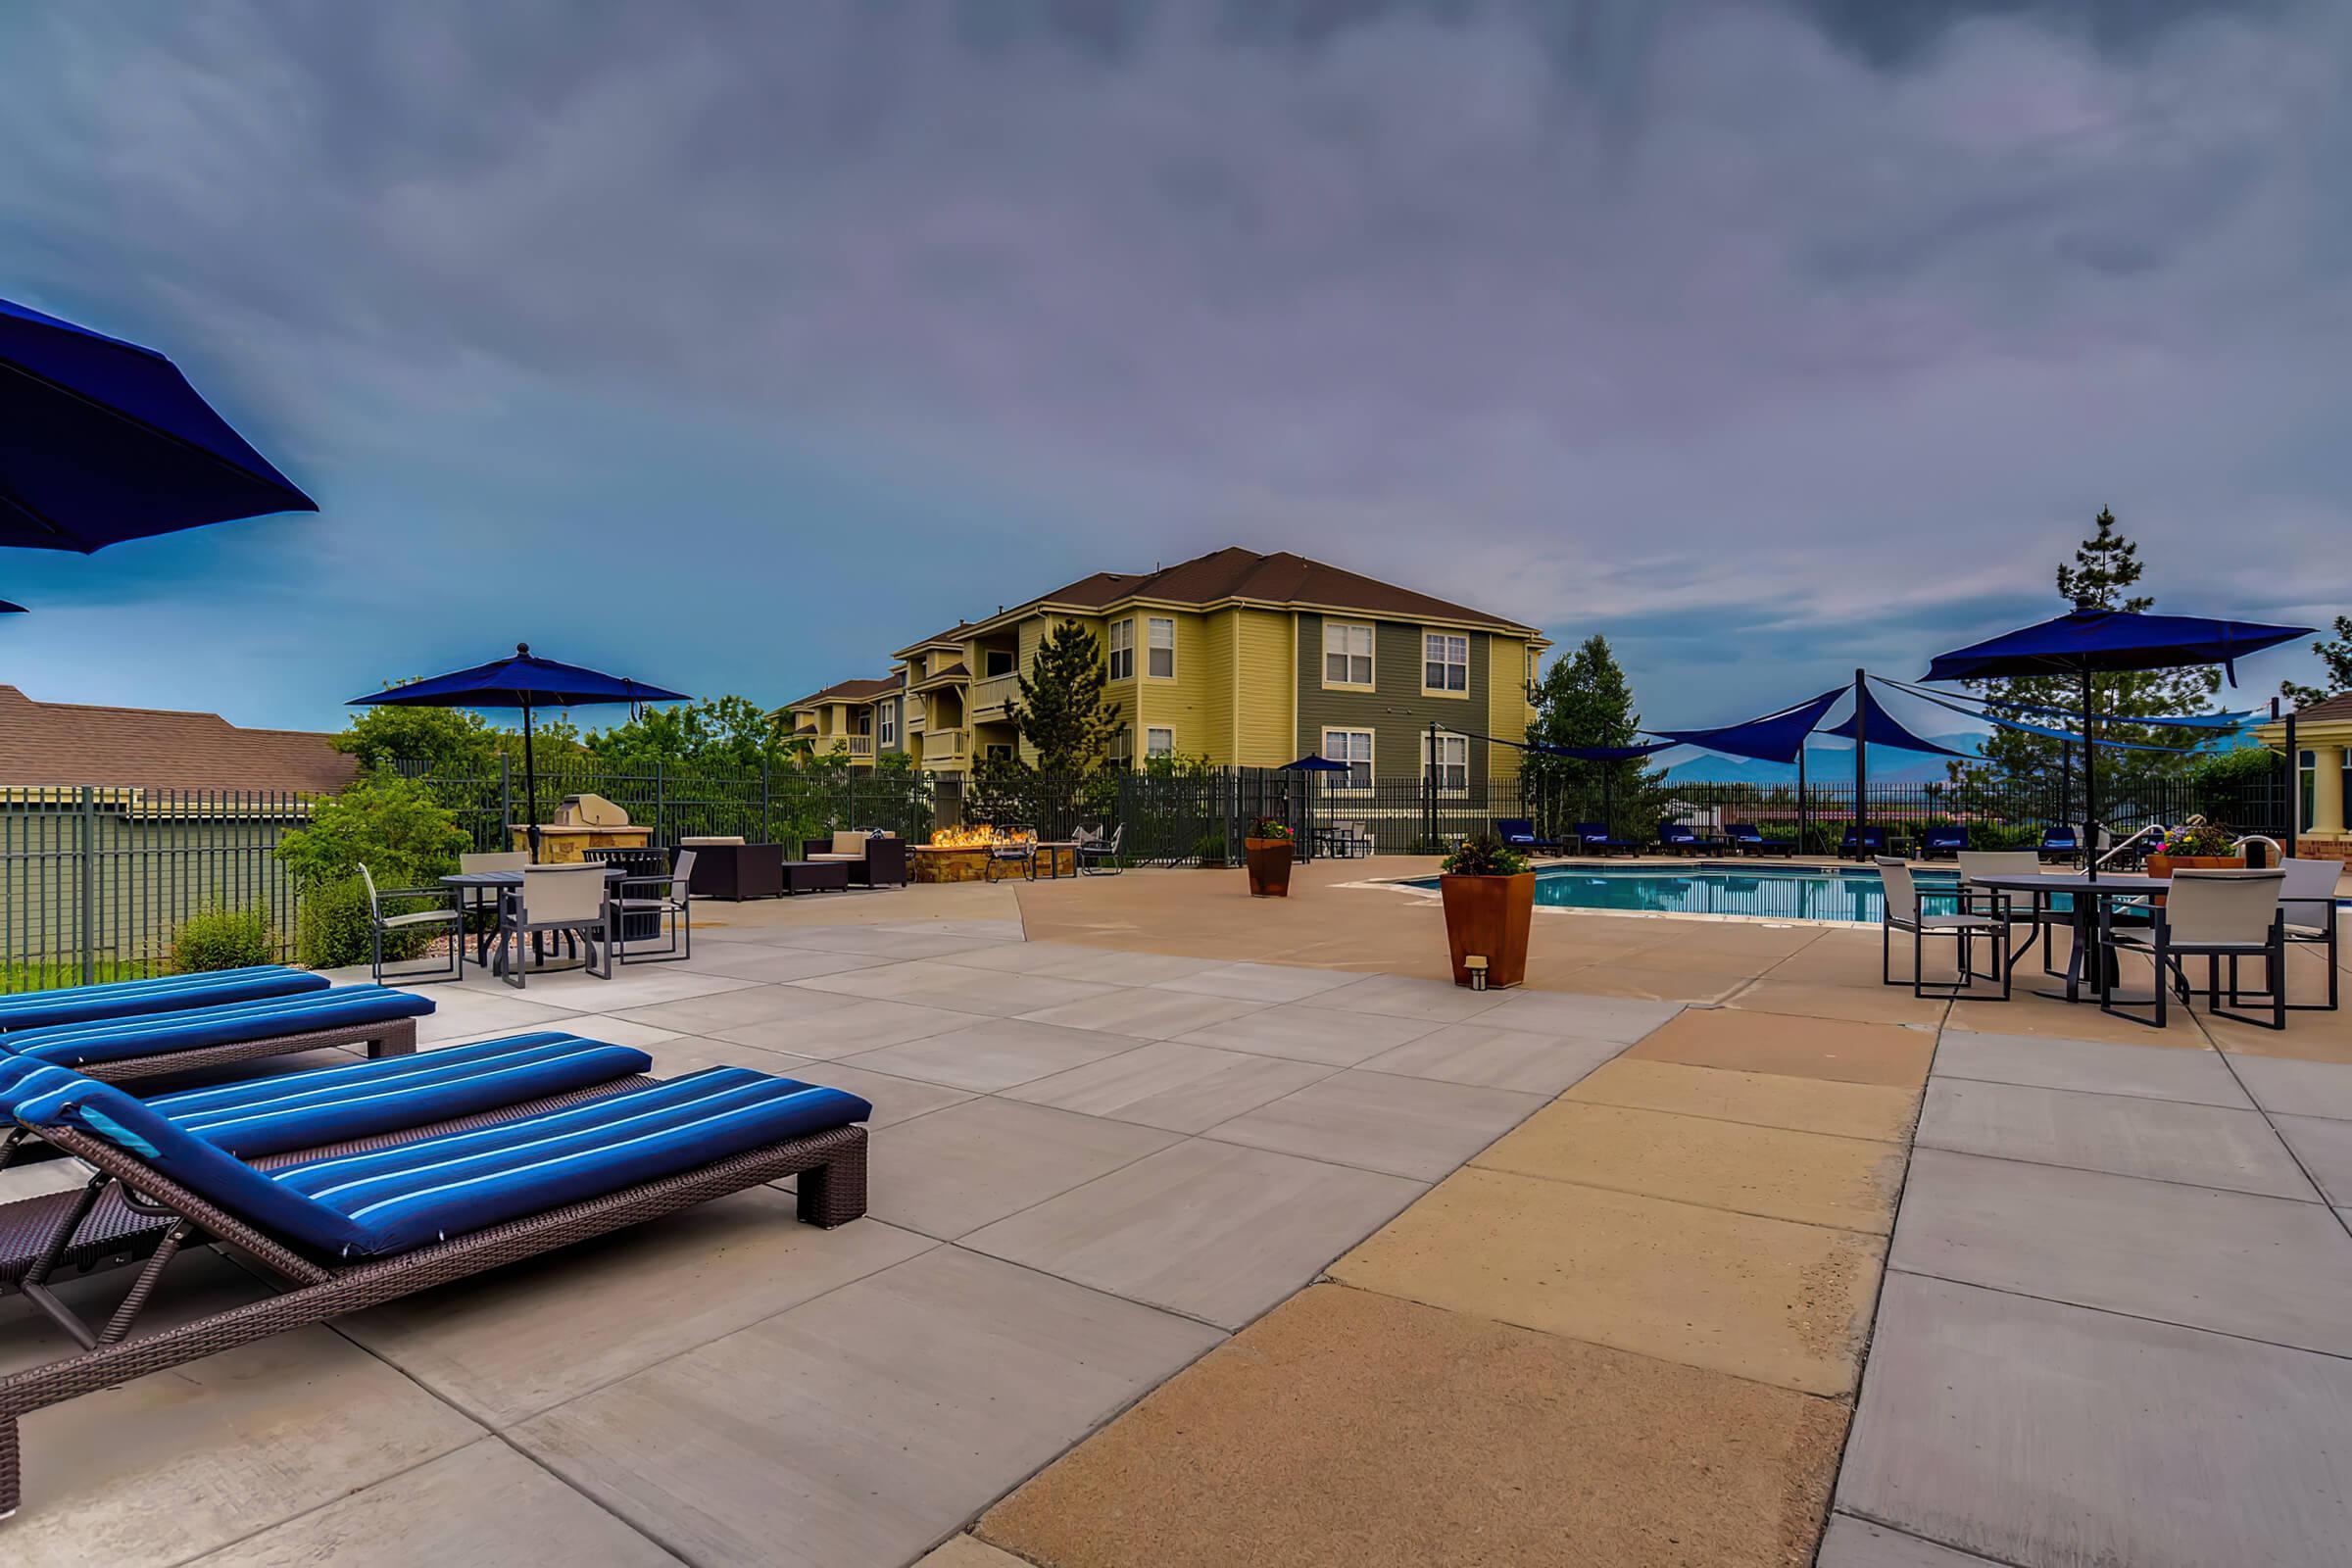 13631 Shepard Hts Colorado Springs CO - Web Quality - 036 - 42 Pool.jpg